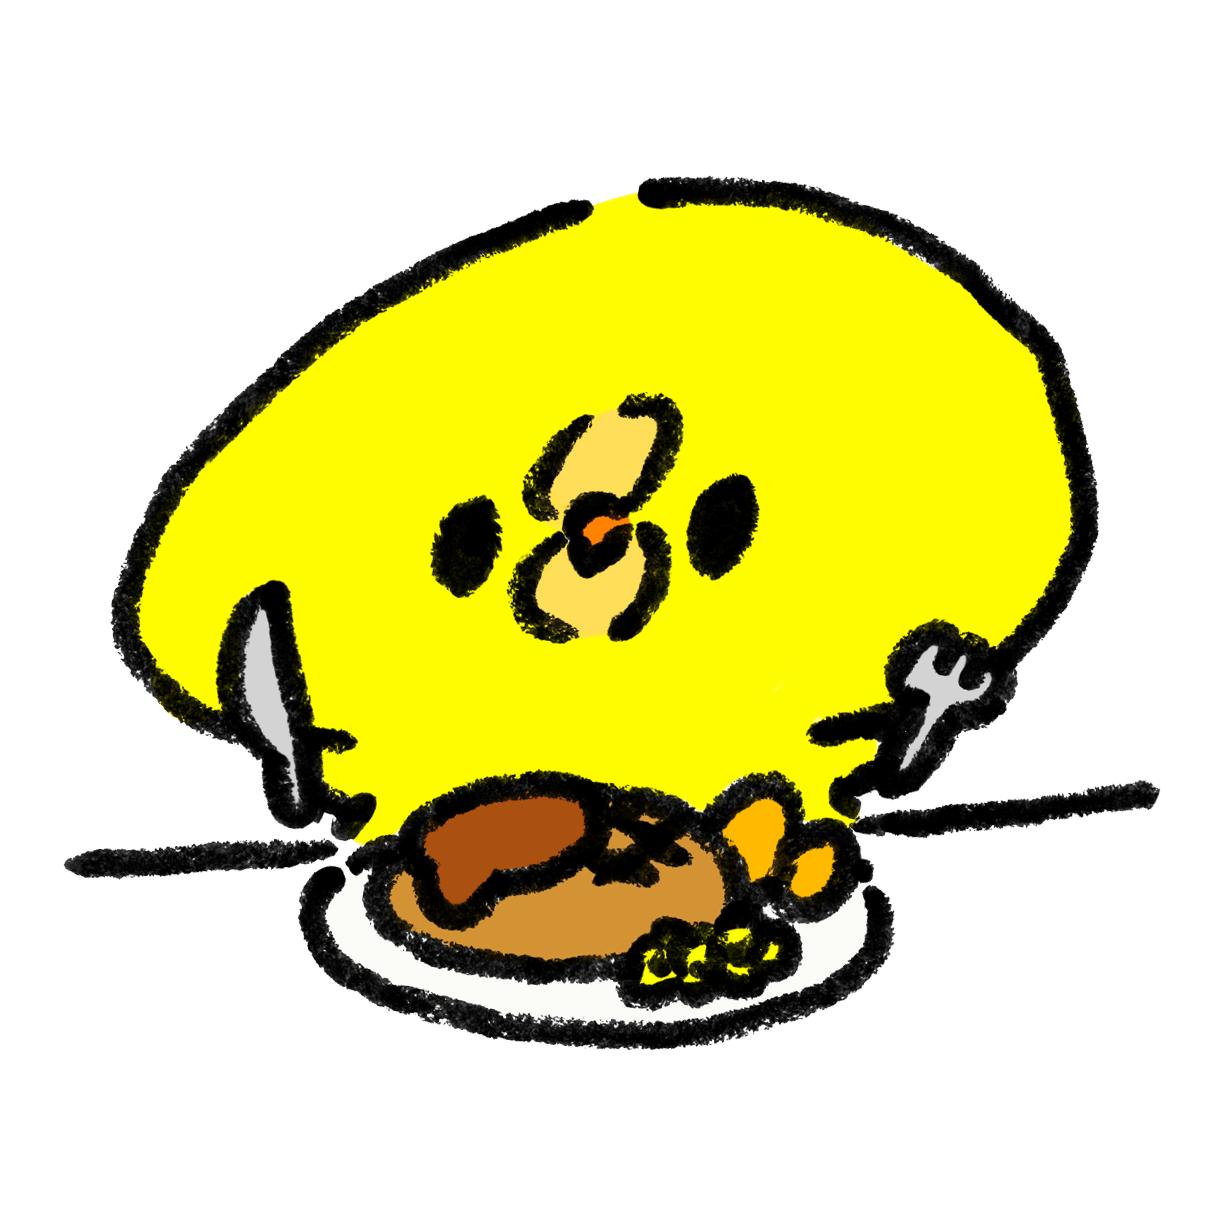 ハンバーグを食べるひよこ